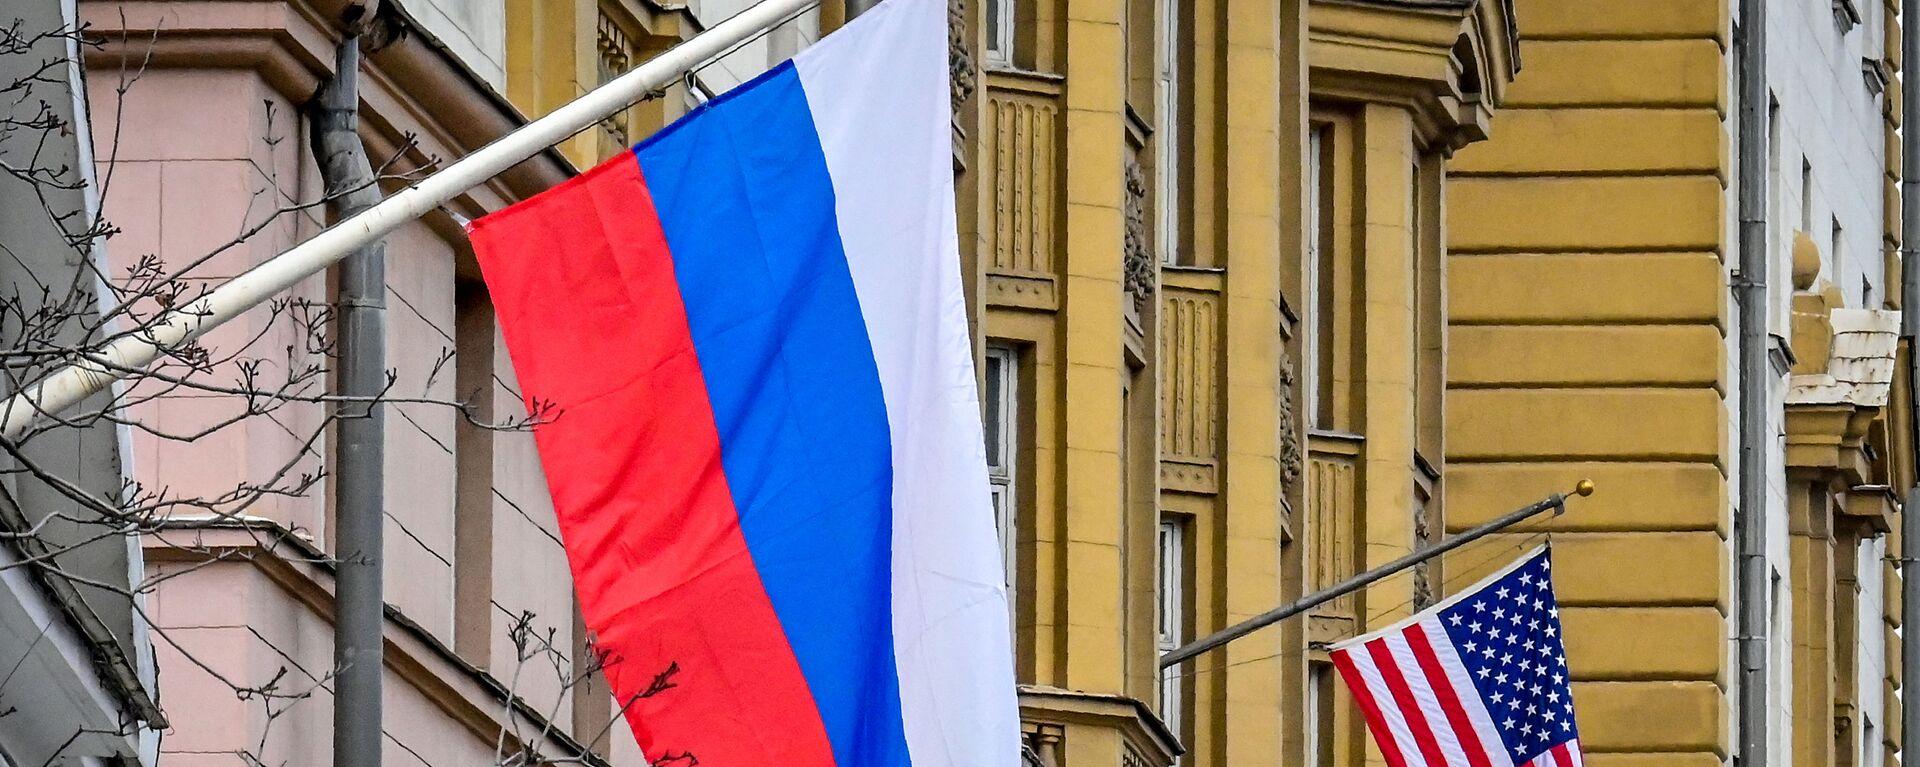 Rusya- ABD bayrağı - Sputnik Türkiye, 1920, 23.09.2021